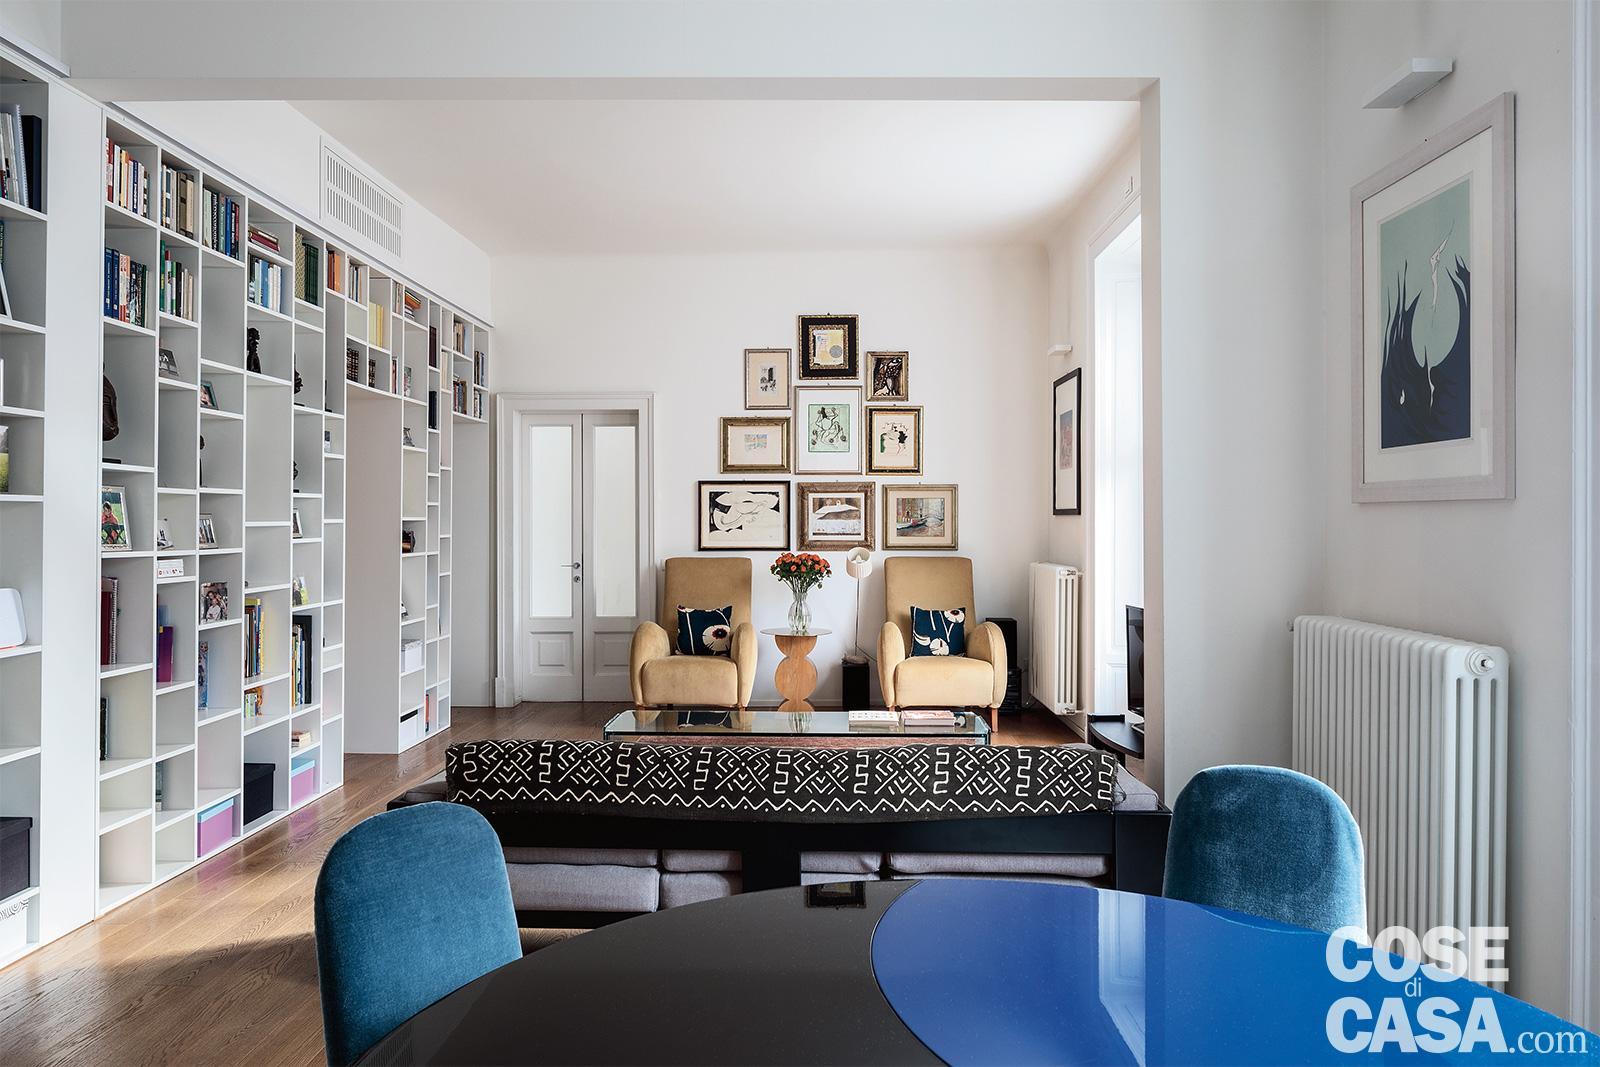 Libreria Cartongesso E Vetro appartamento tradizionale di 120 mq con librerie a tutta